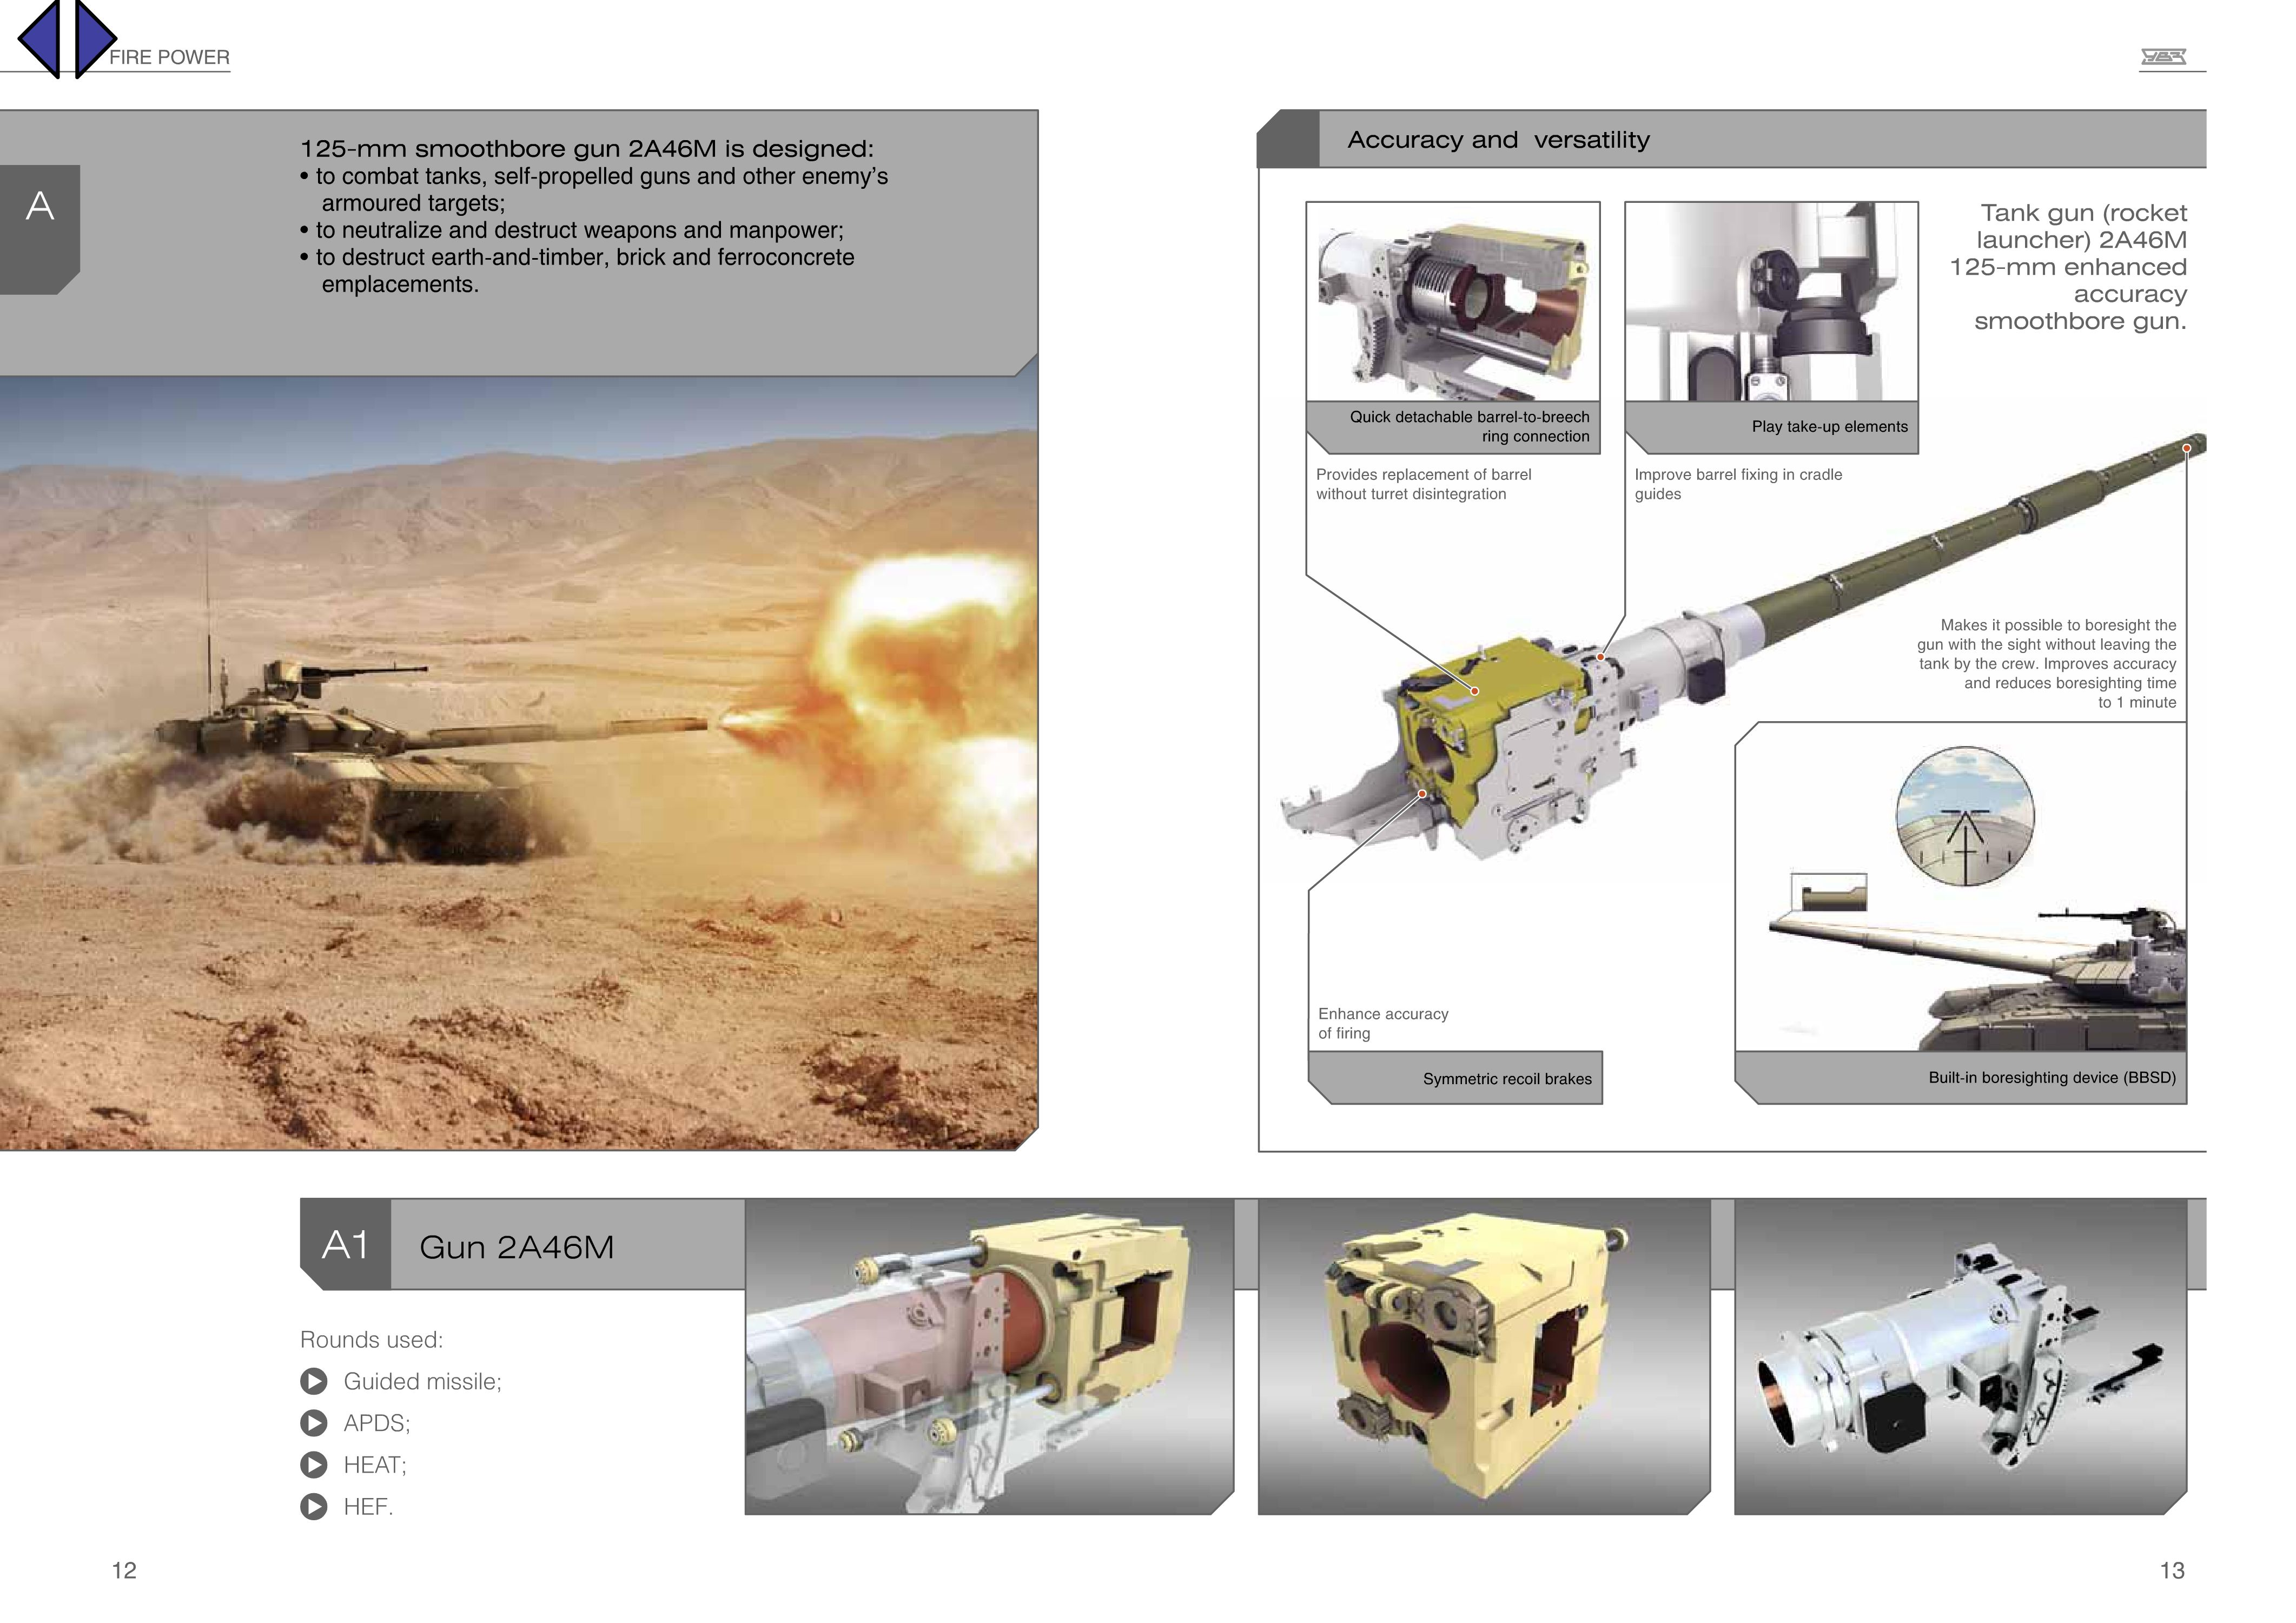 التطوير T-72M1 للجزائر يتفوق على نظيره المقدم للجيش الروسي  809178745